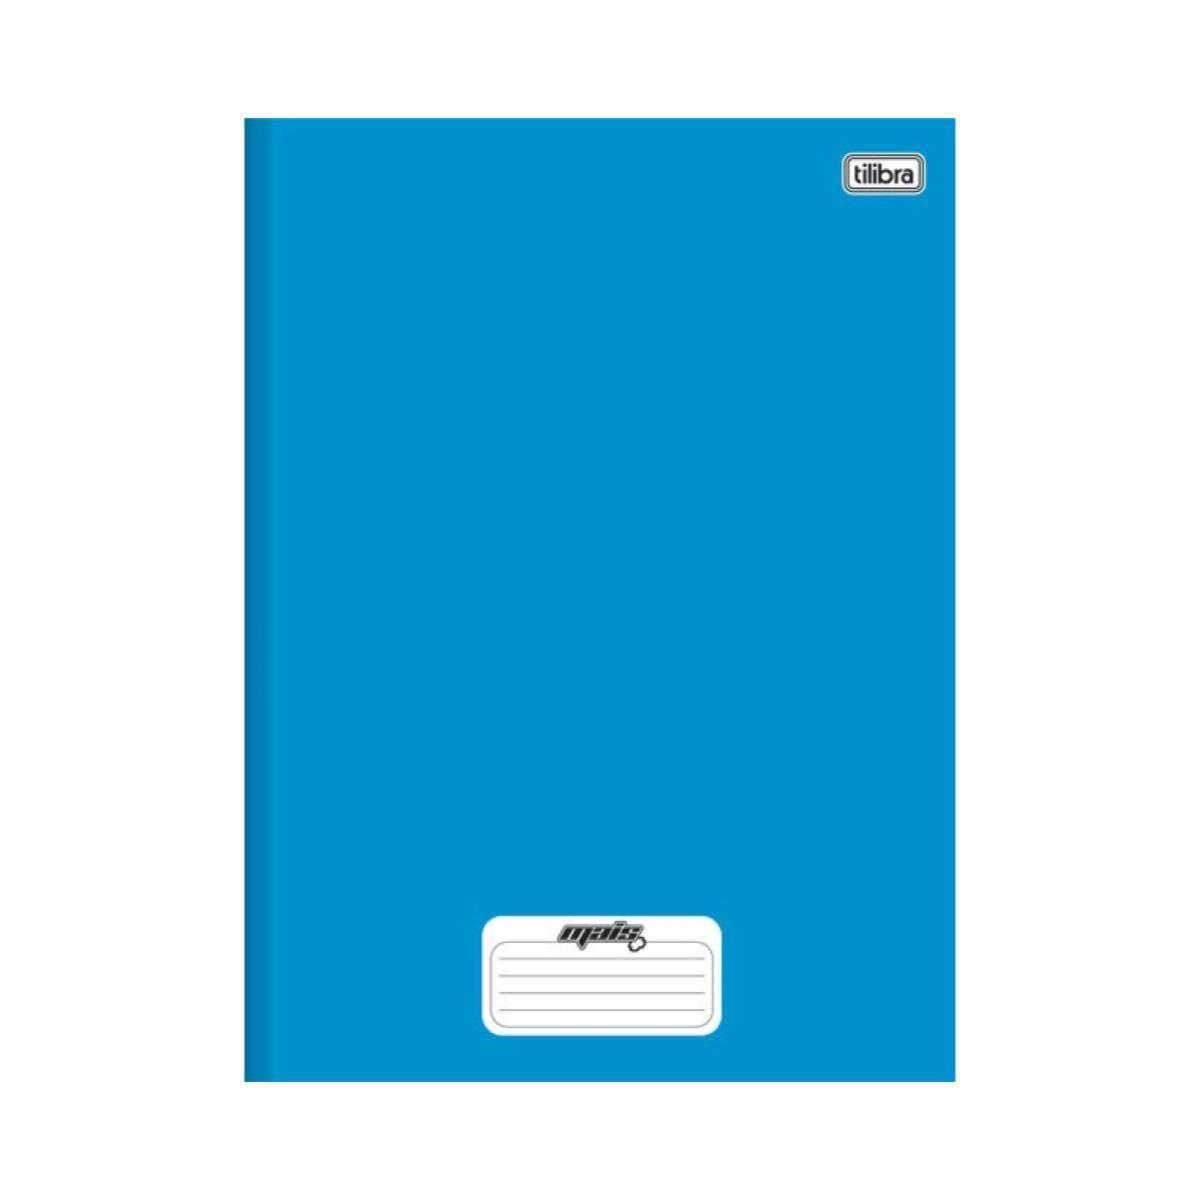 Caderno Mais 1/4 Brochura Capa Dura 96 Folhas Tilibra